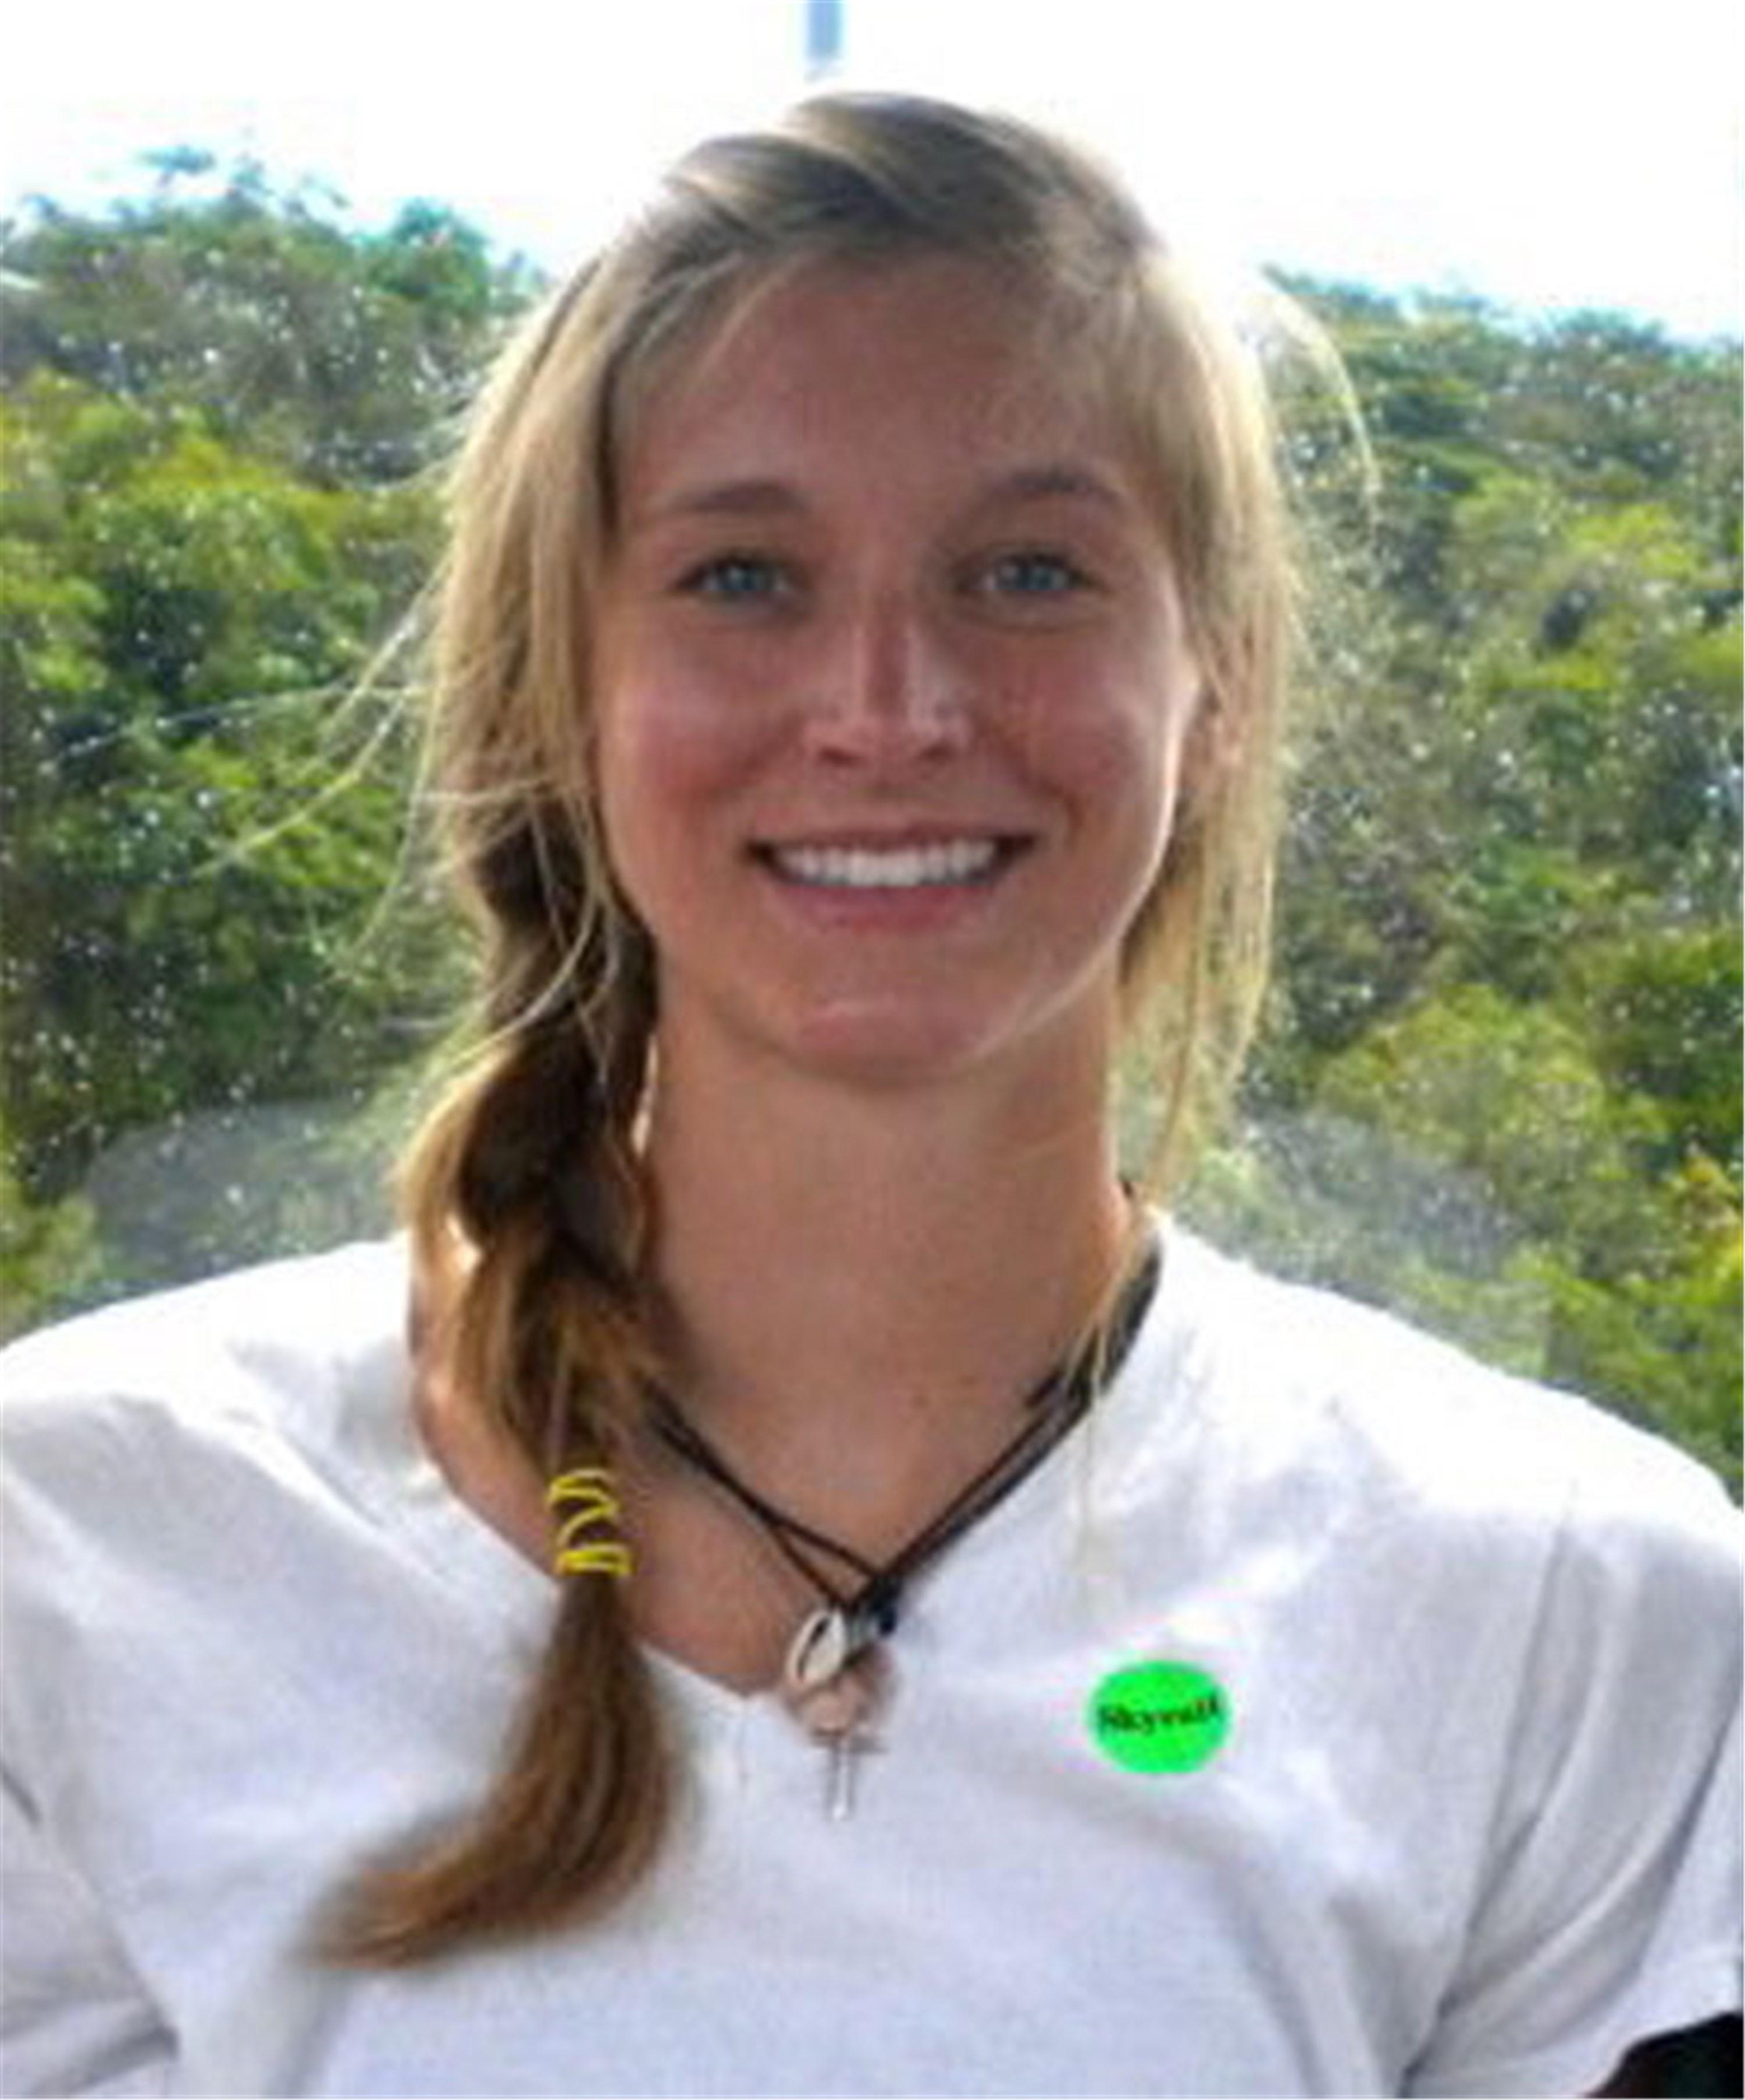 Photo of Sarah SCHERMERHORN